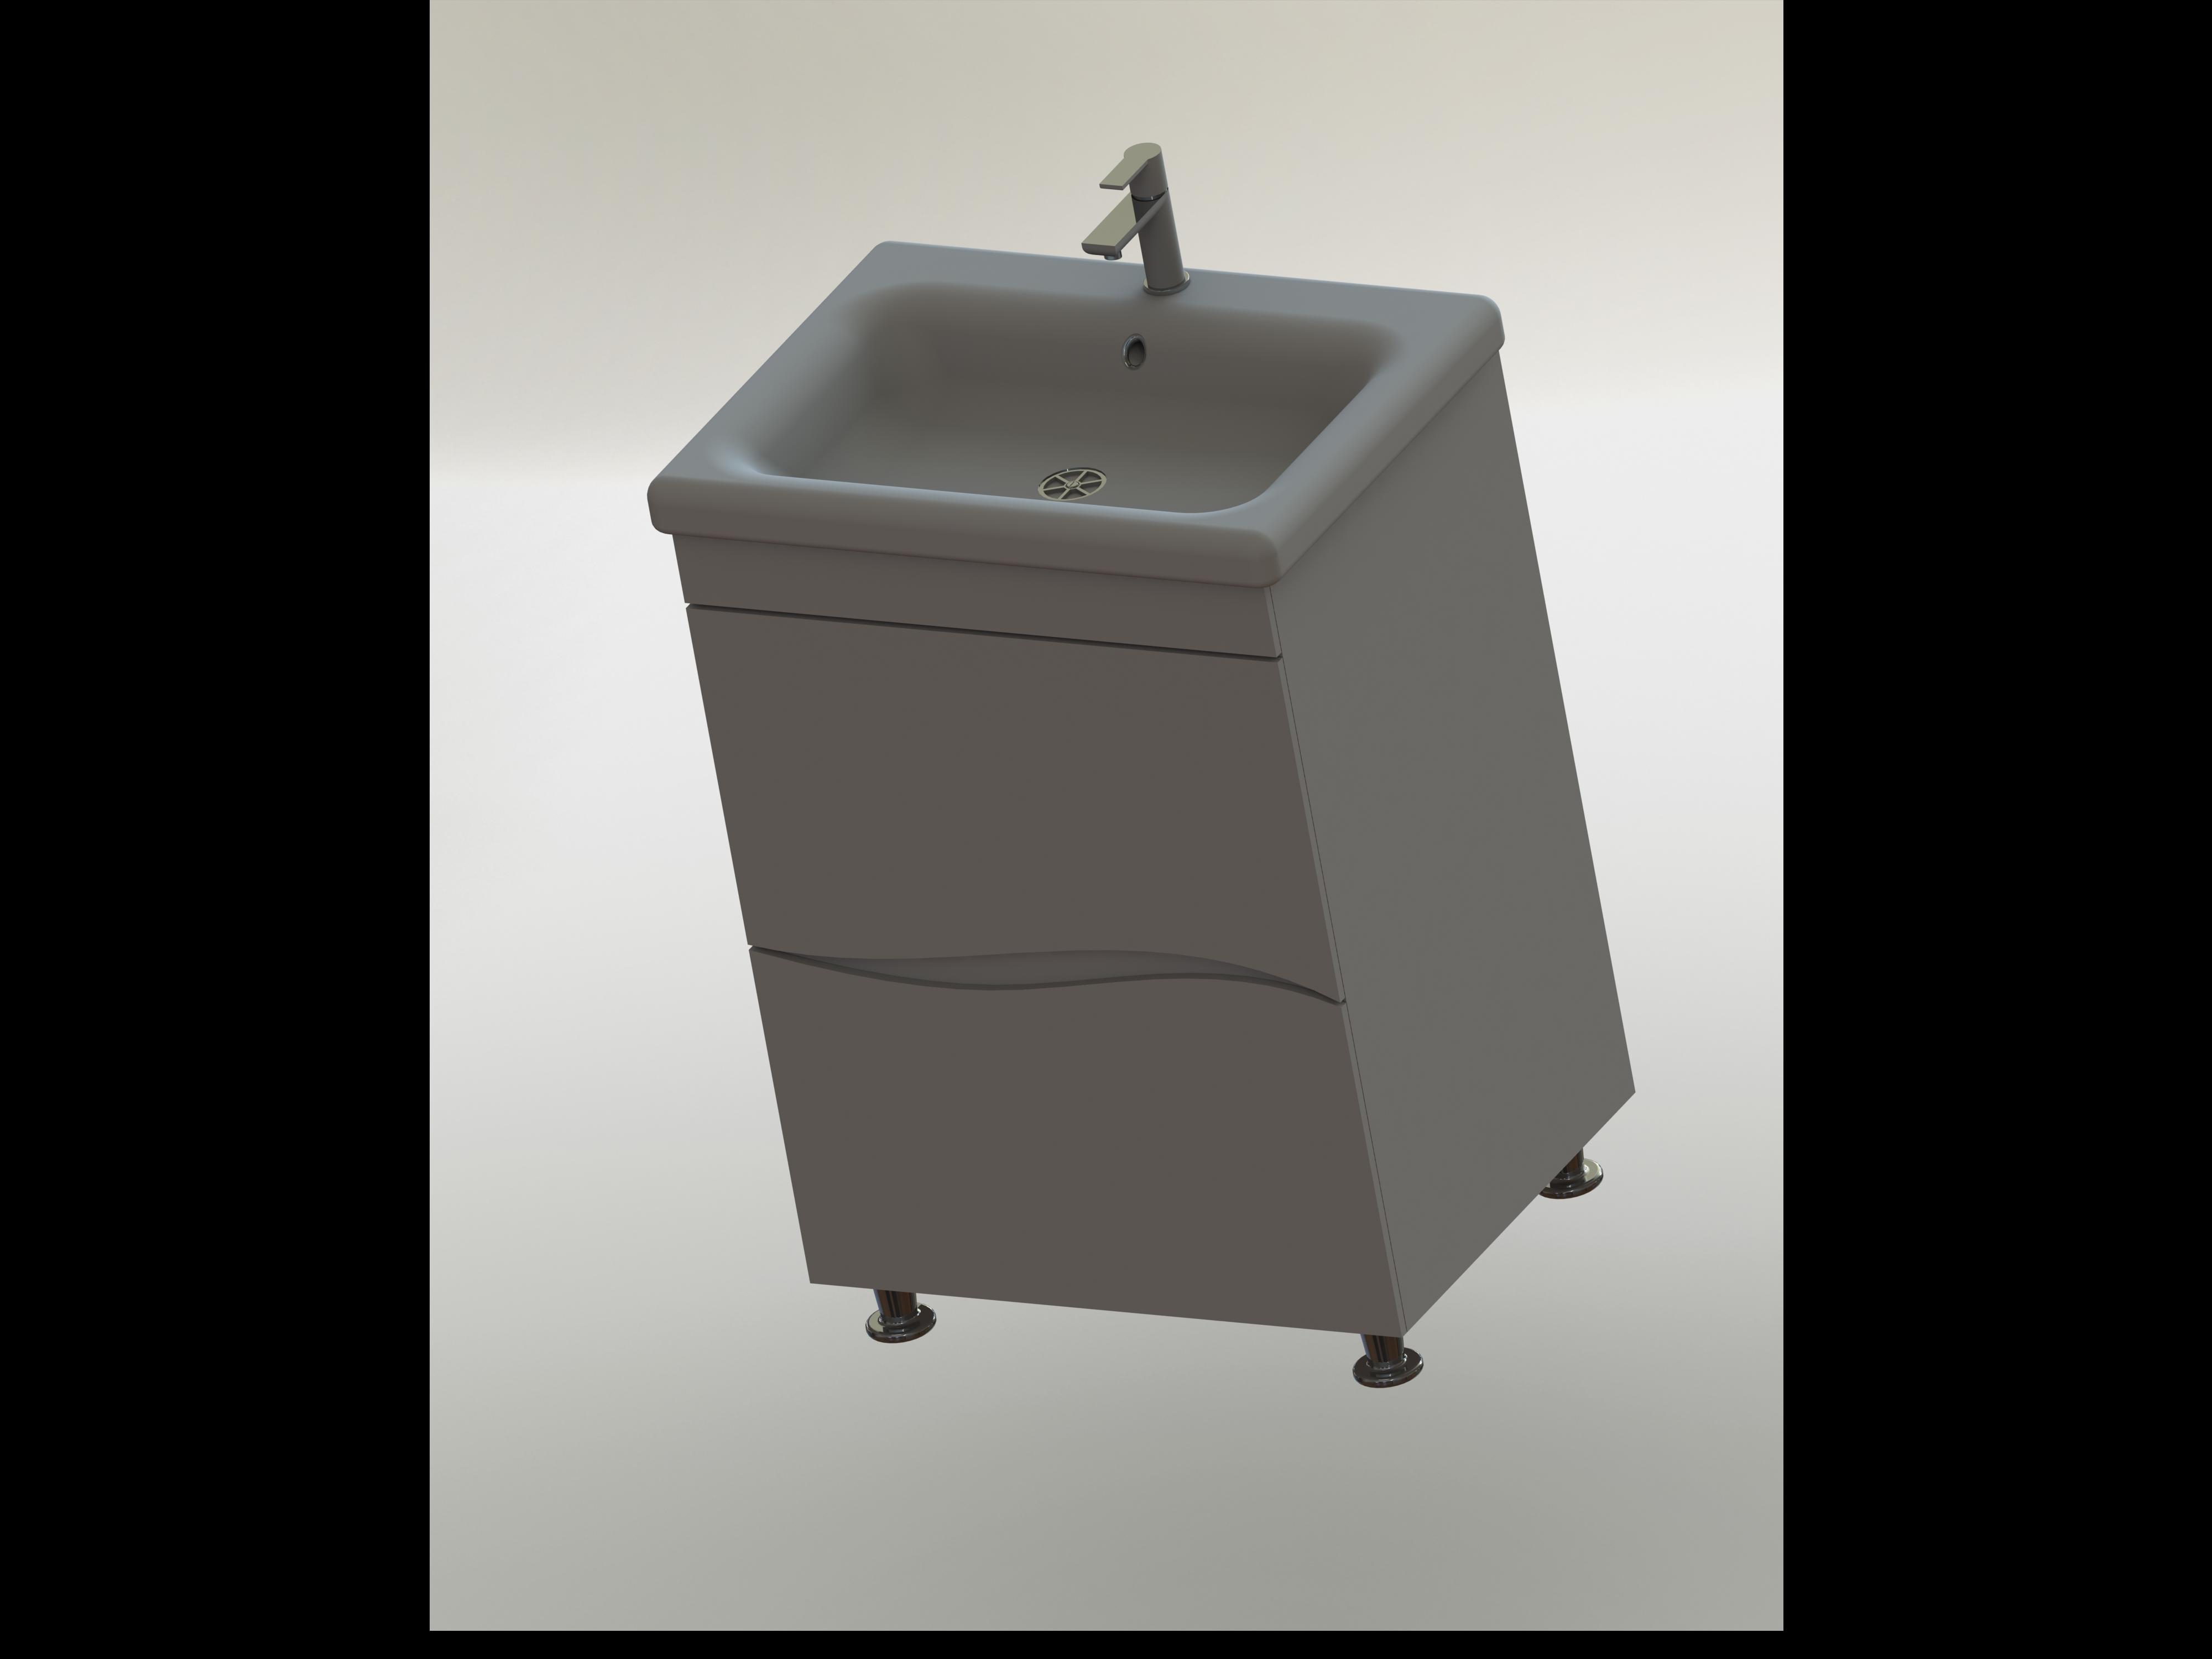 Фото 3D рендеринг тумбы с умывальником для ванной комнаты.